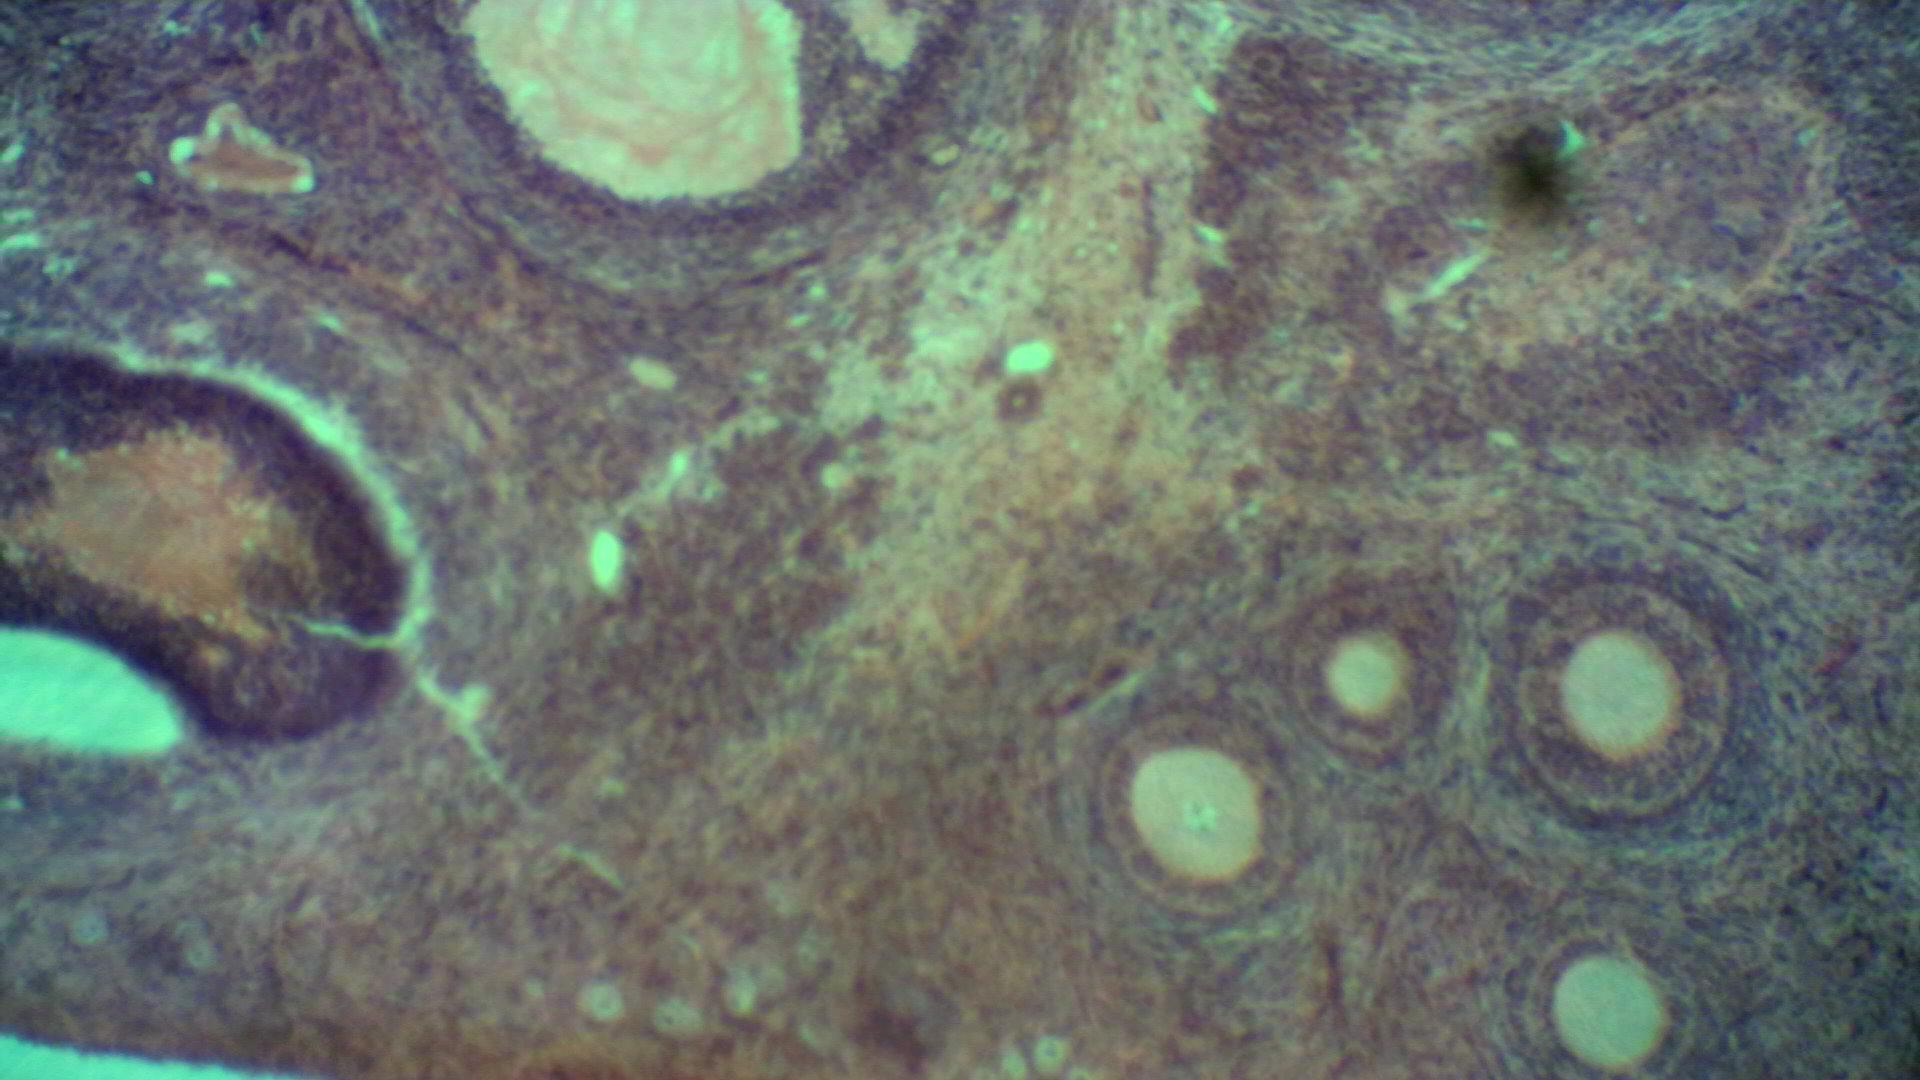 фотография яцеклетки на приближение 4X  в кружке Микробиологии ДЦТ г. Приозерска